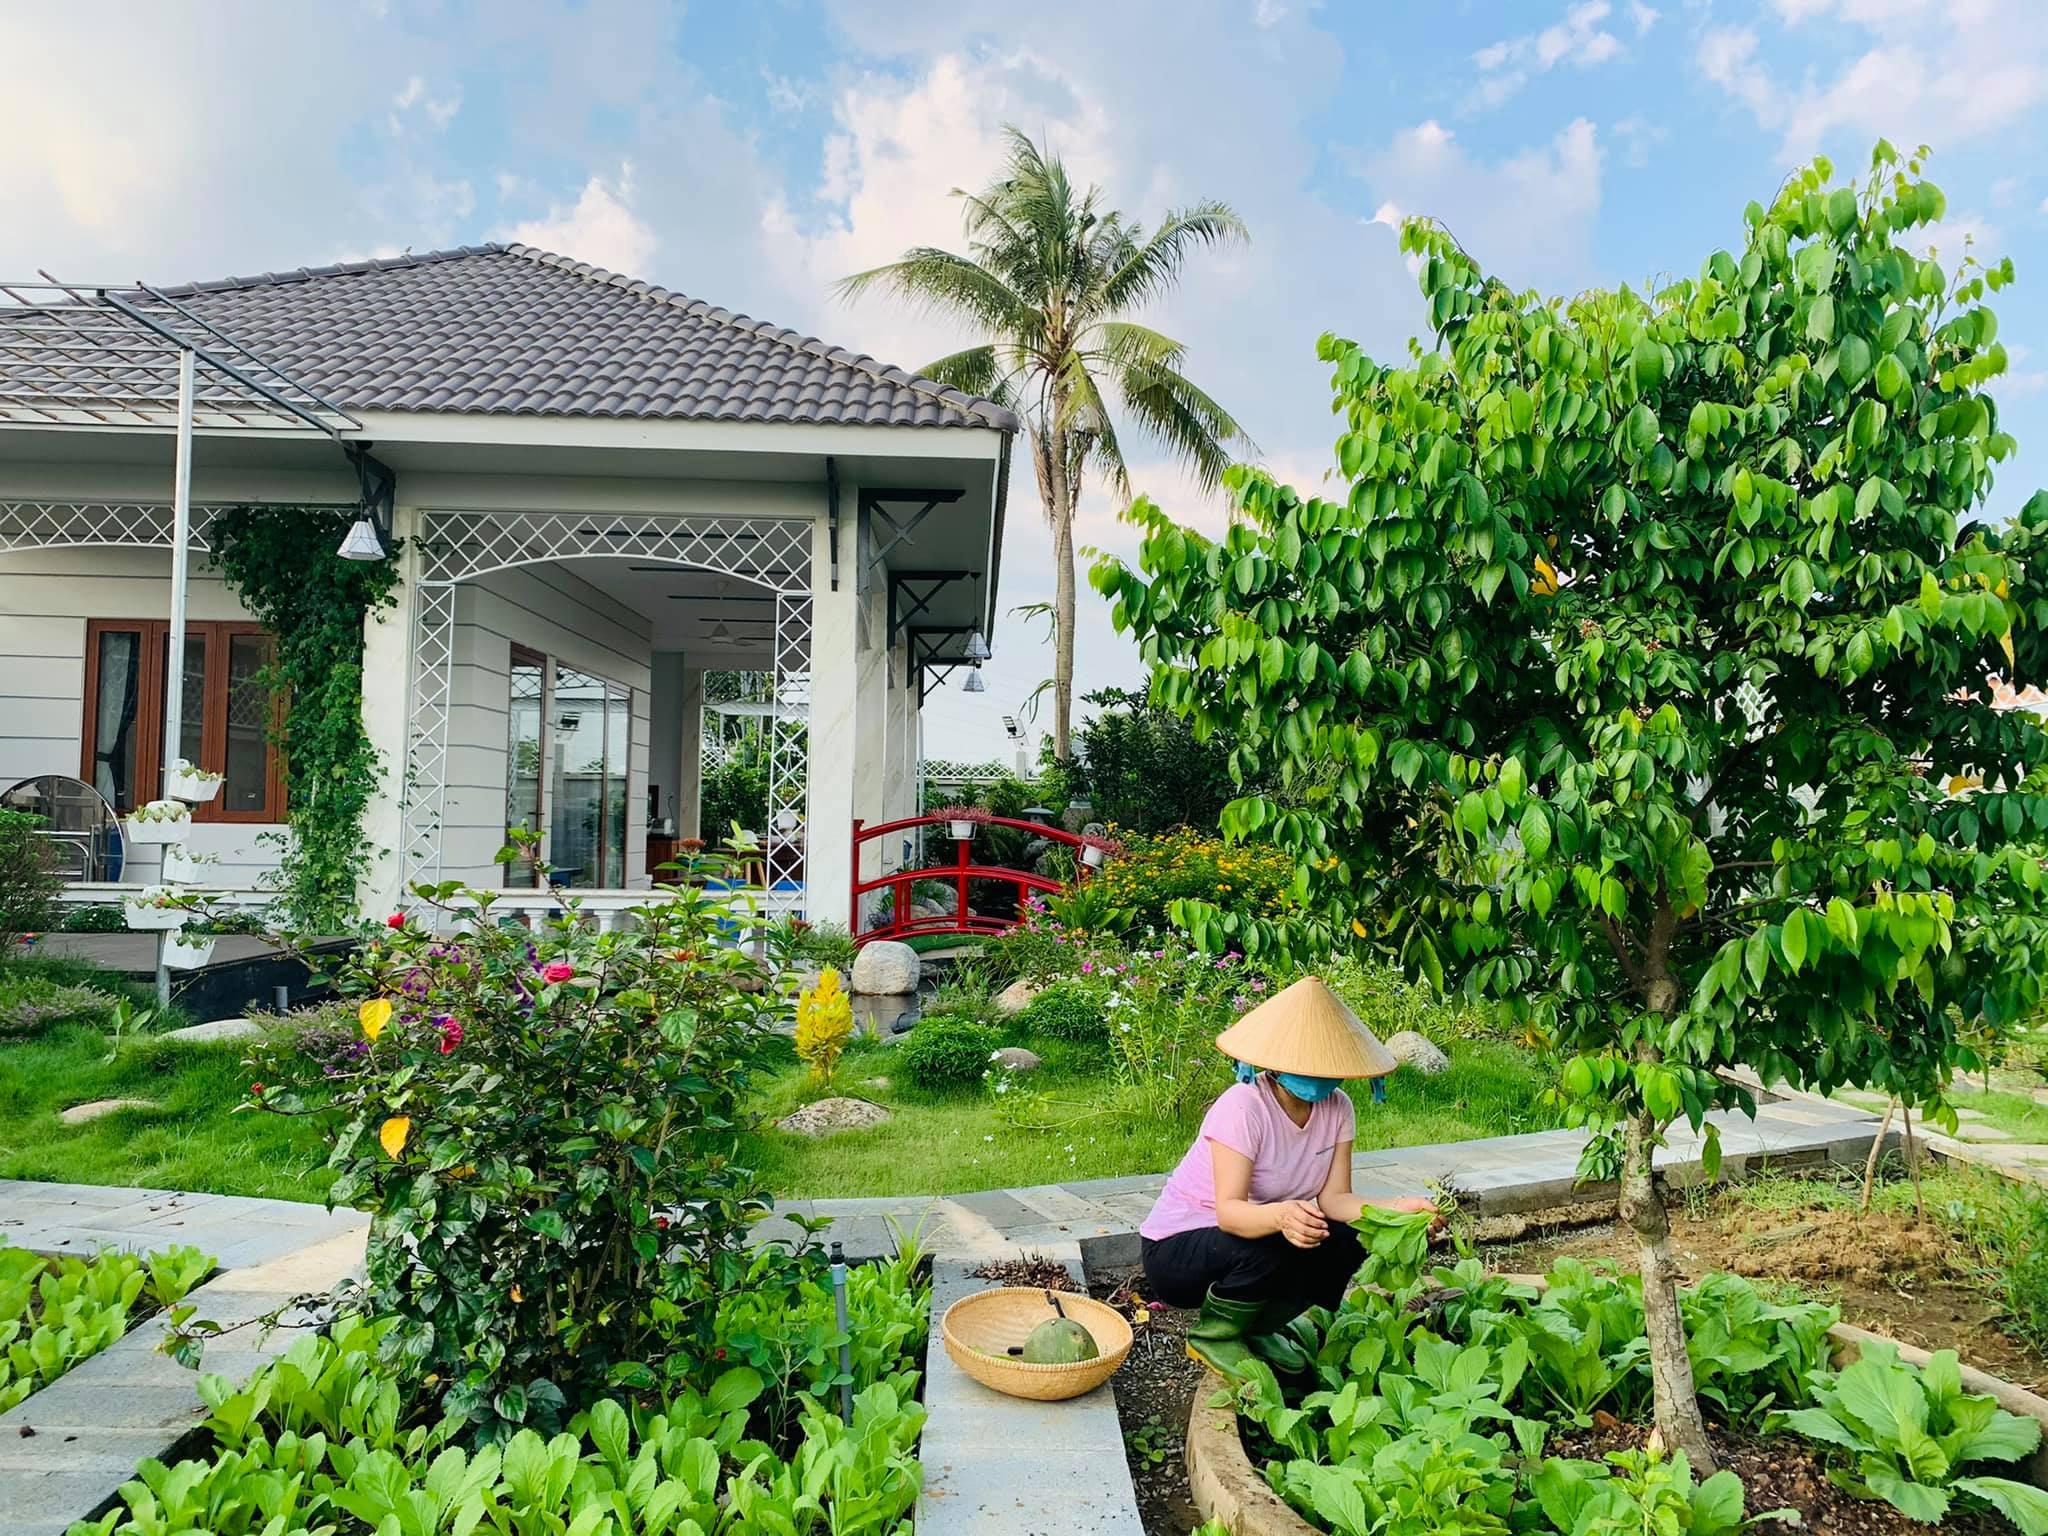 Khu vườn 720m2 đẹp như resort thu nhỏ người chồng tặng vợ ở Đồng Nai - 4